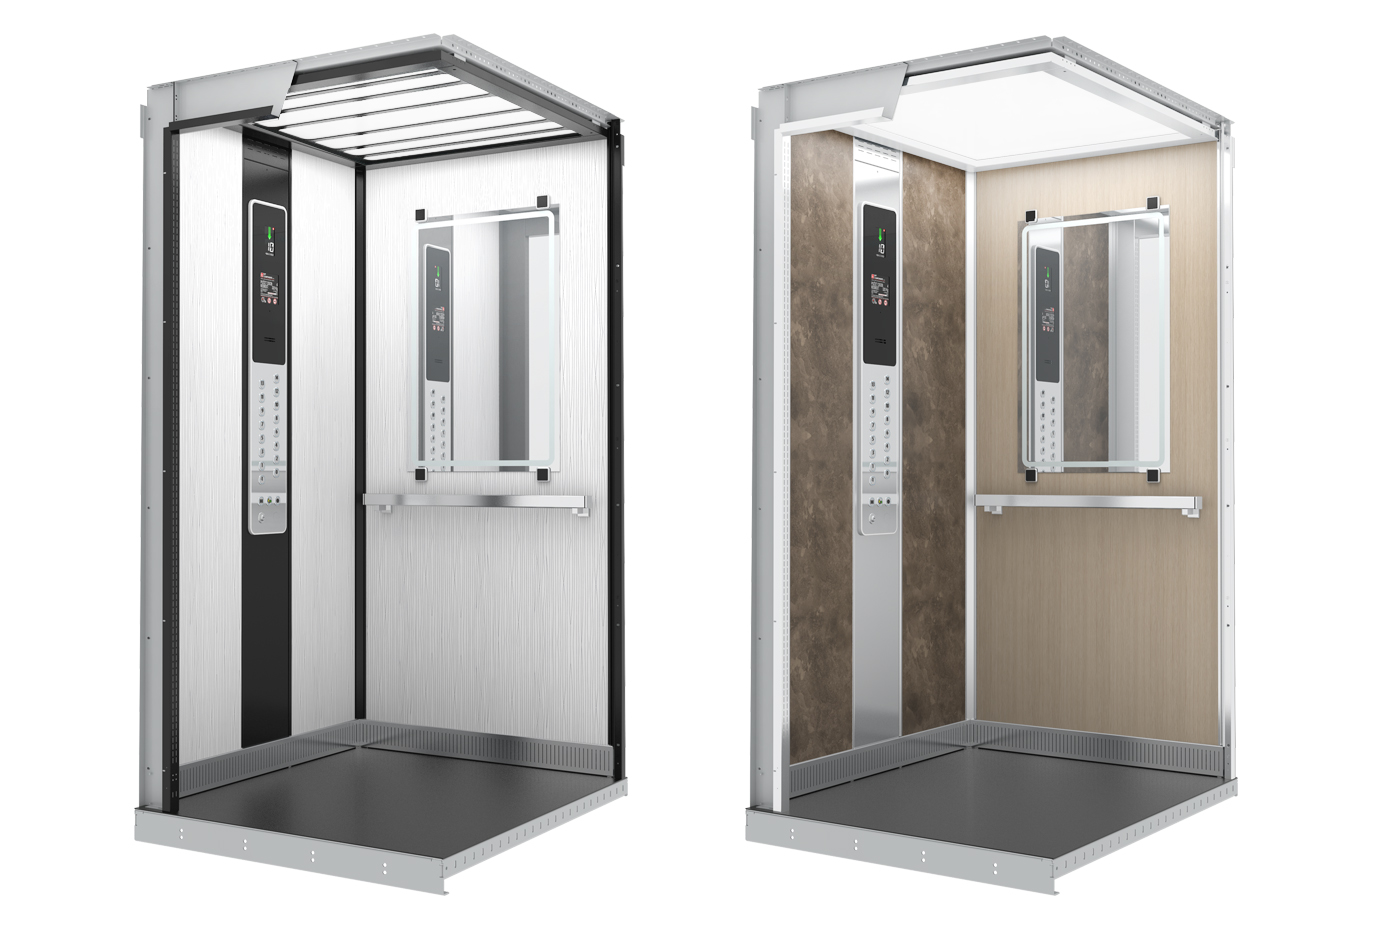 Design nových kabin je promyšlený, moderní a zároveň nadčasový. Stejnými detaily propojuje většinu prvků v kabině. Nový design je uplatněný v řadách LC Classic, LC Elegant / Elegant Black a LC Exclusive.